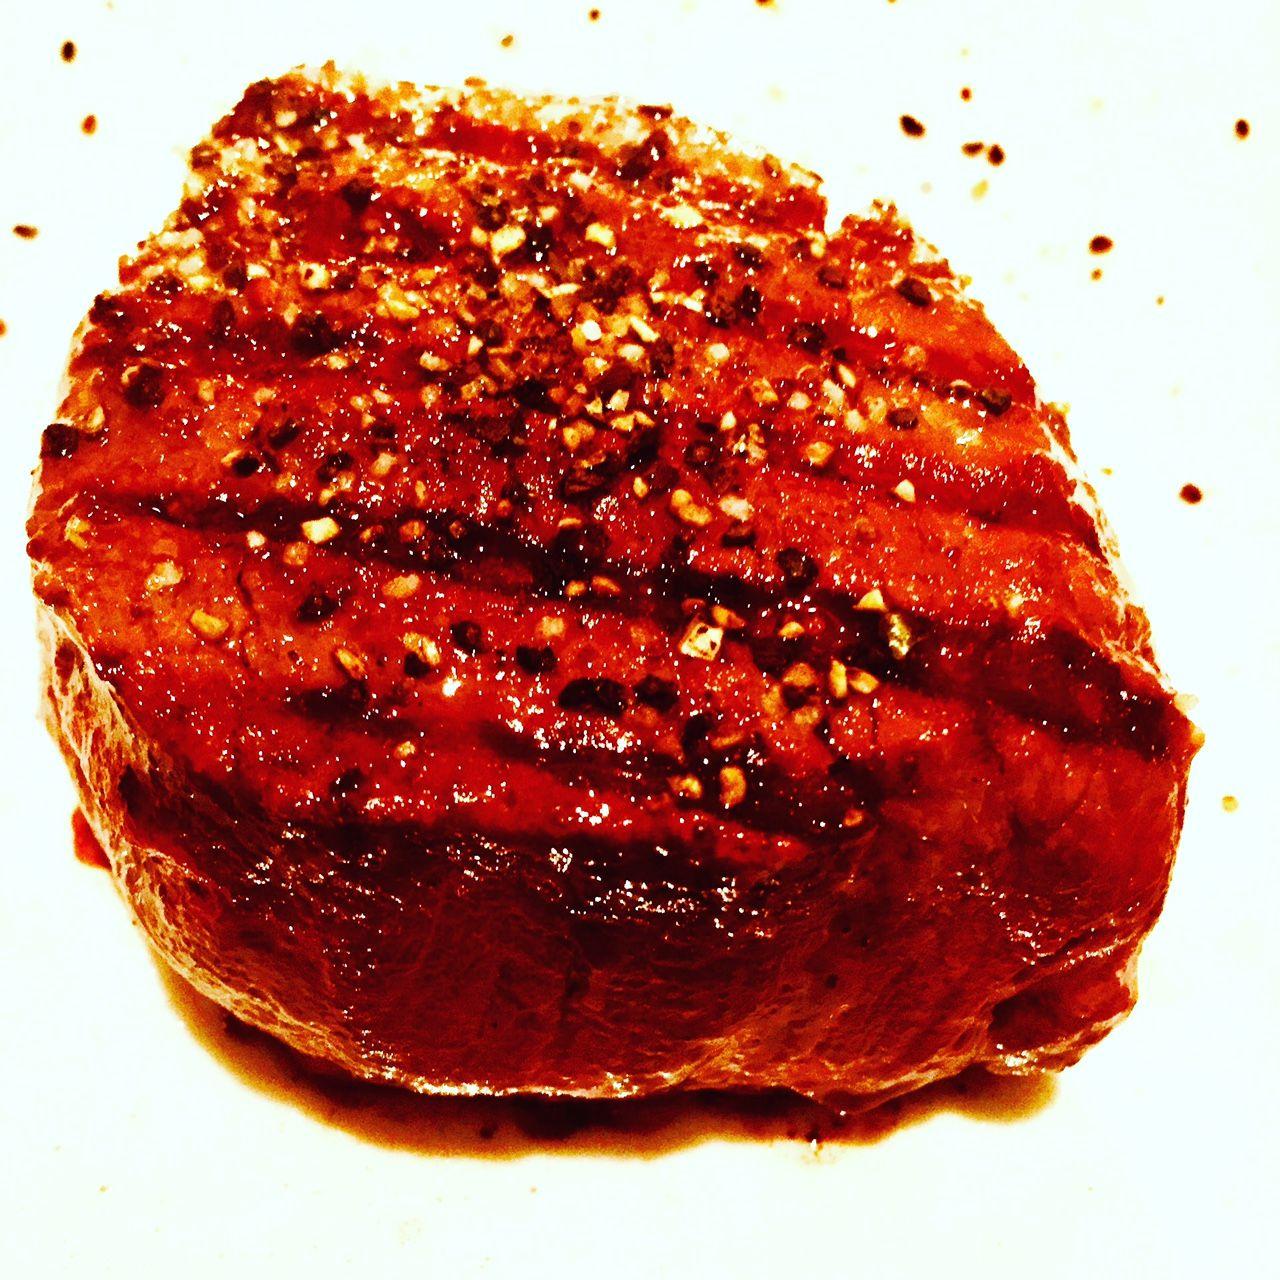 Some real steak - Food Porn from Frankfurt at the Block House - Nice Filet Steak Not Vegan by Jürgen Schreiter Location Scout http://www.JuergenSchreiter.com #steak #meat #fleisch #foodporn #notvegan #vegan #health #gesund #Ernährung #Dinner #Blockhouse #Steakhouse #frischesfleisch #schreiter #restaurant #nightlife #locationscout #tripadvisor